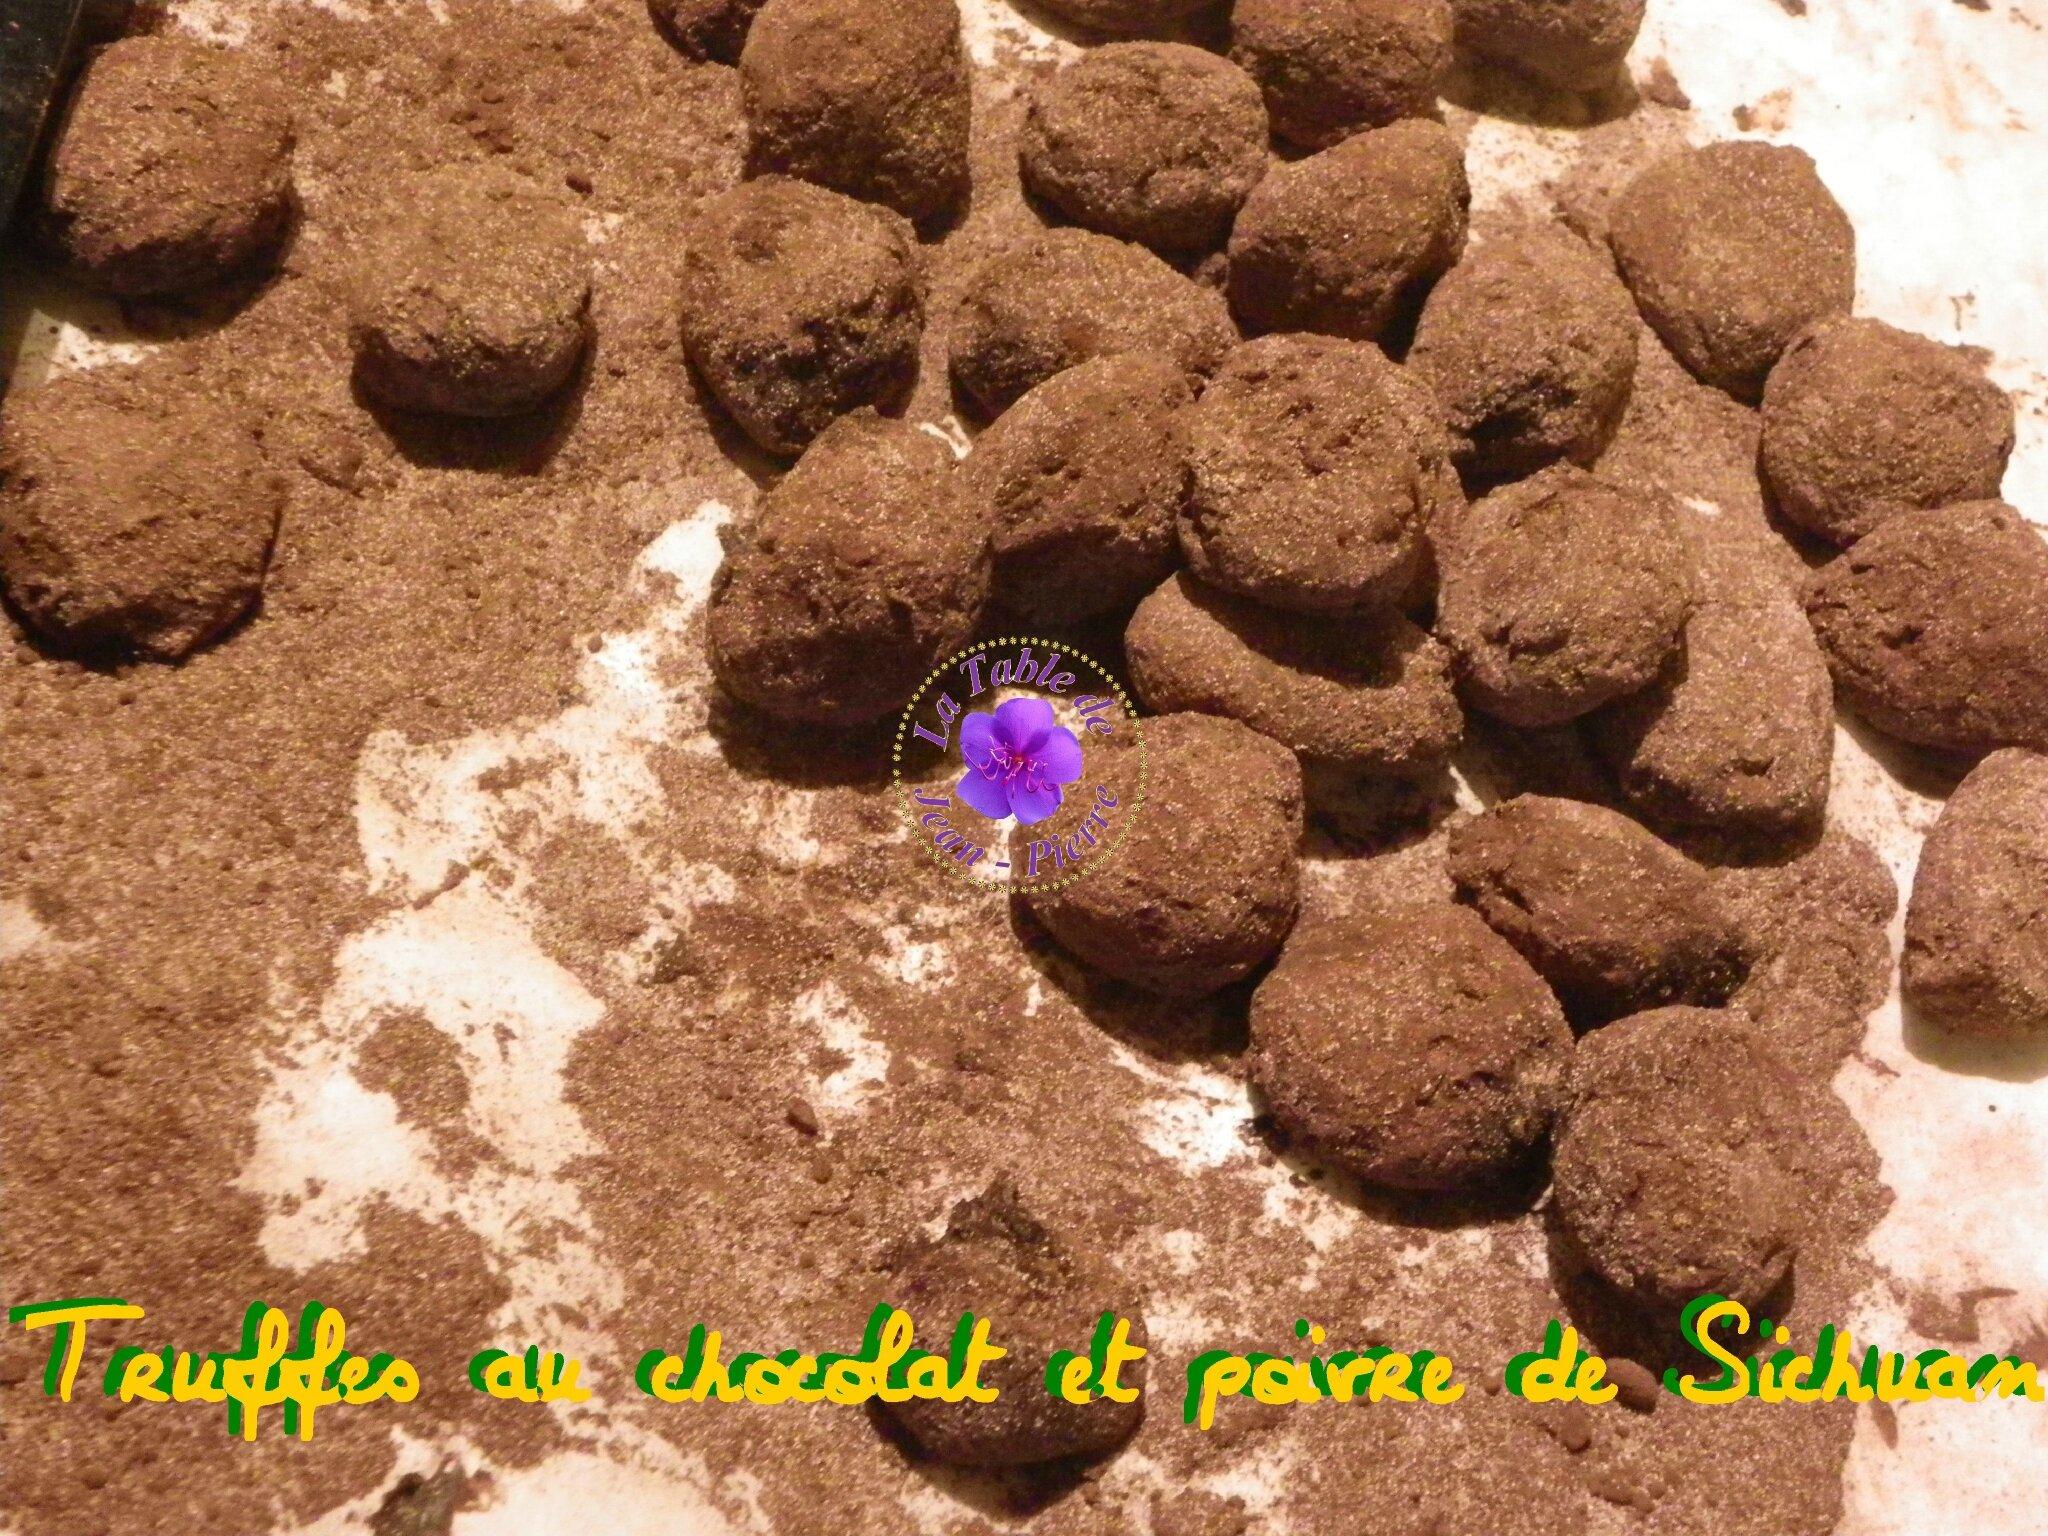 Truffes au chocolat et poivre de Sichuan